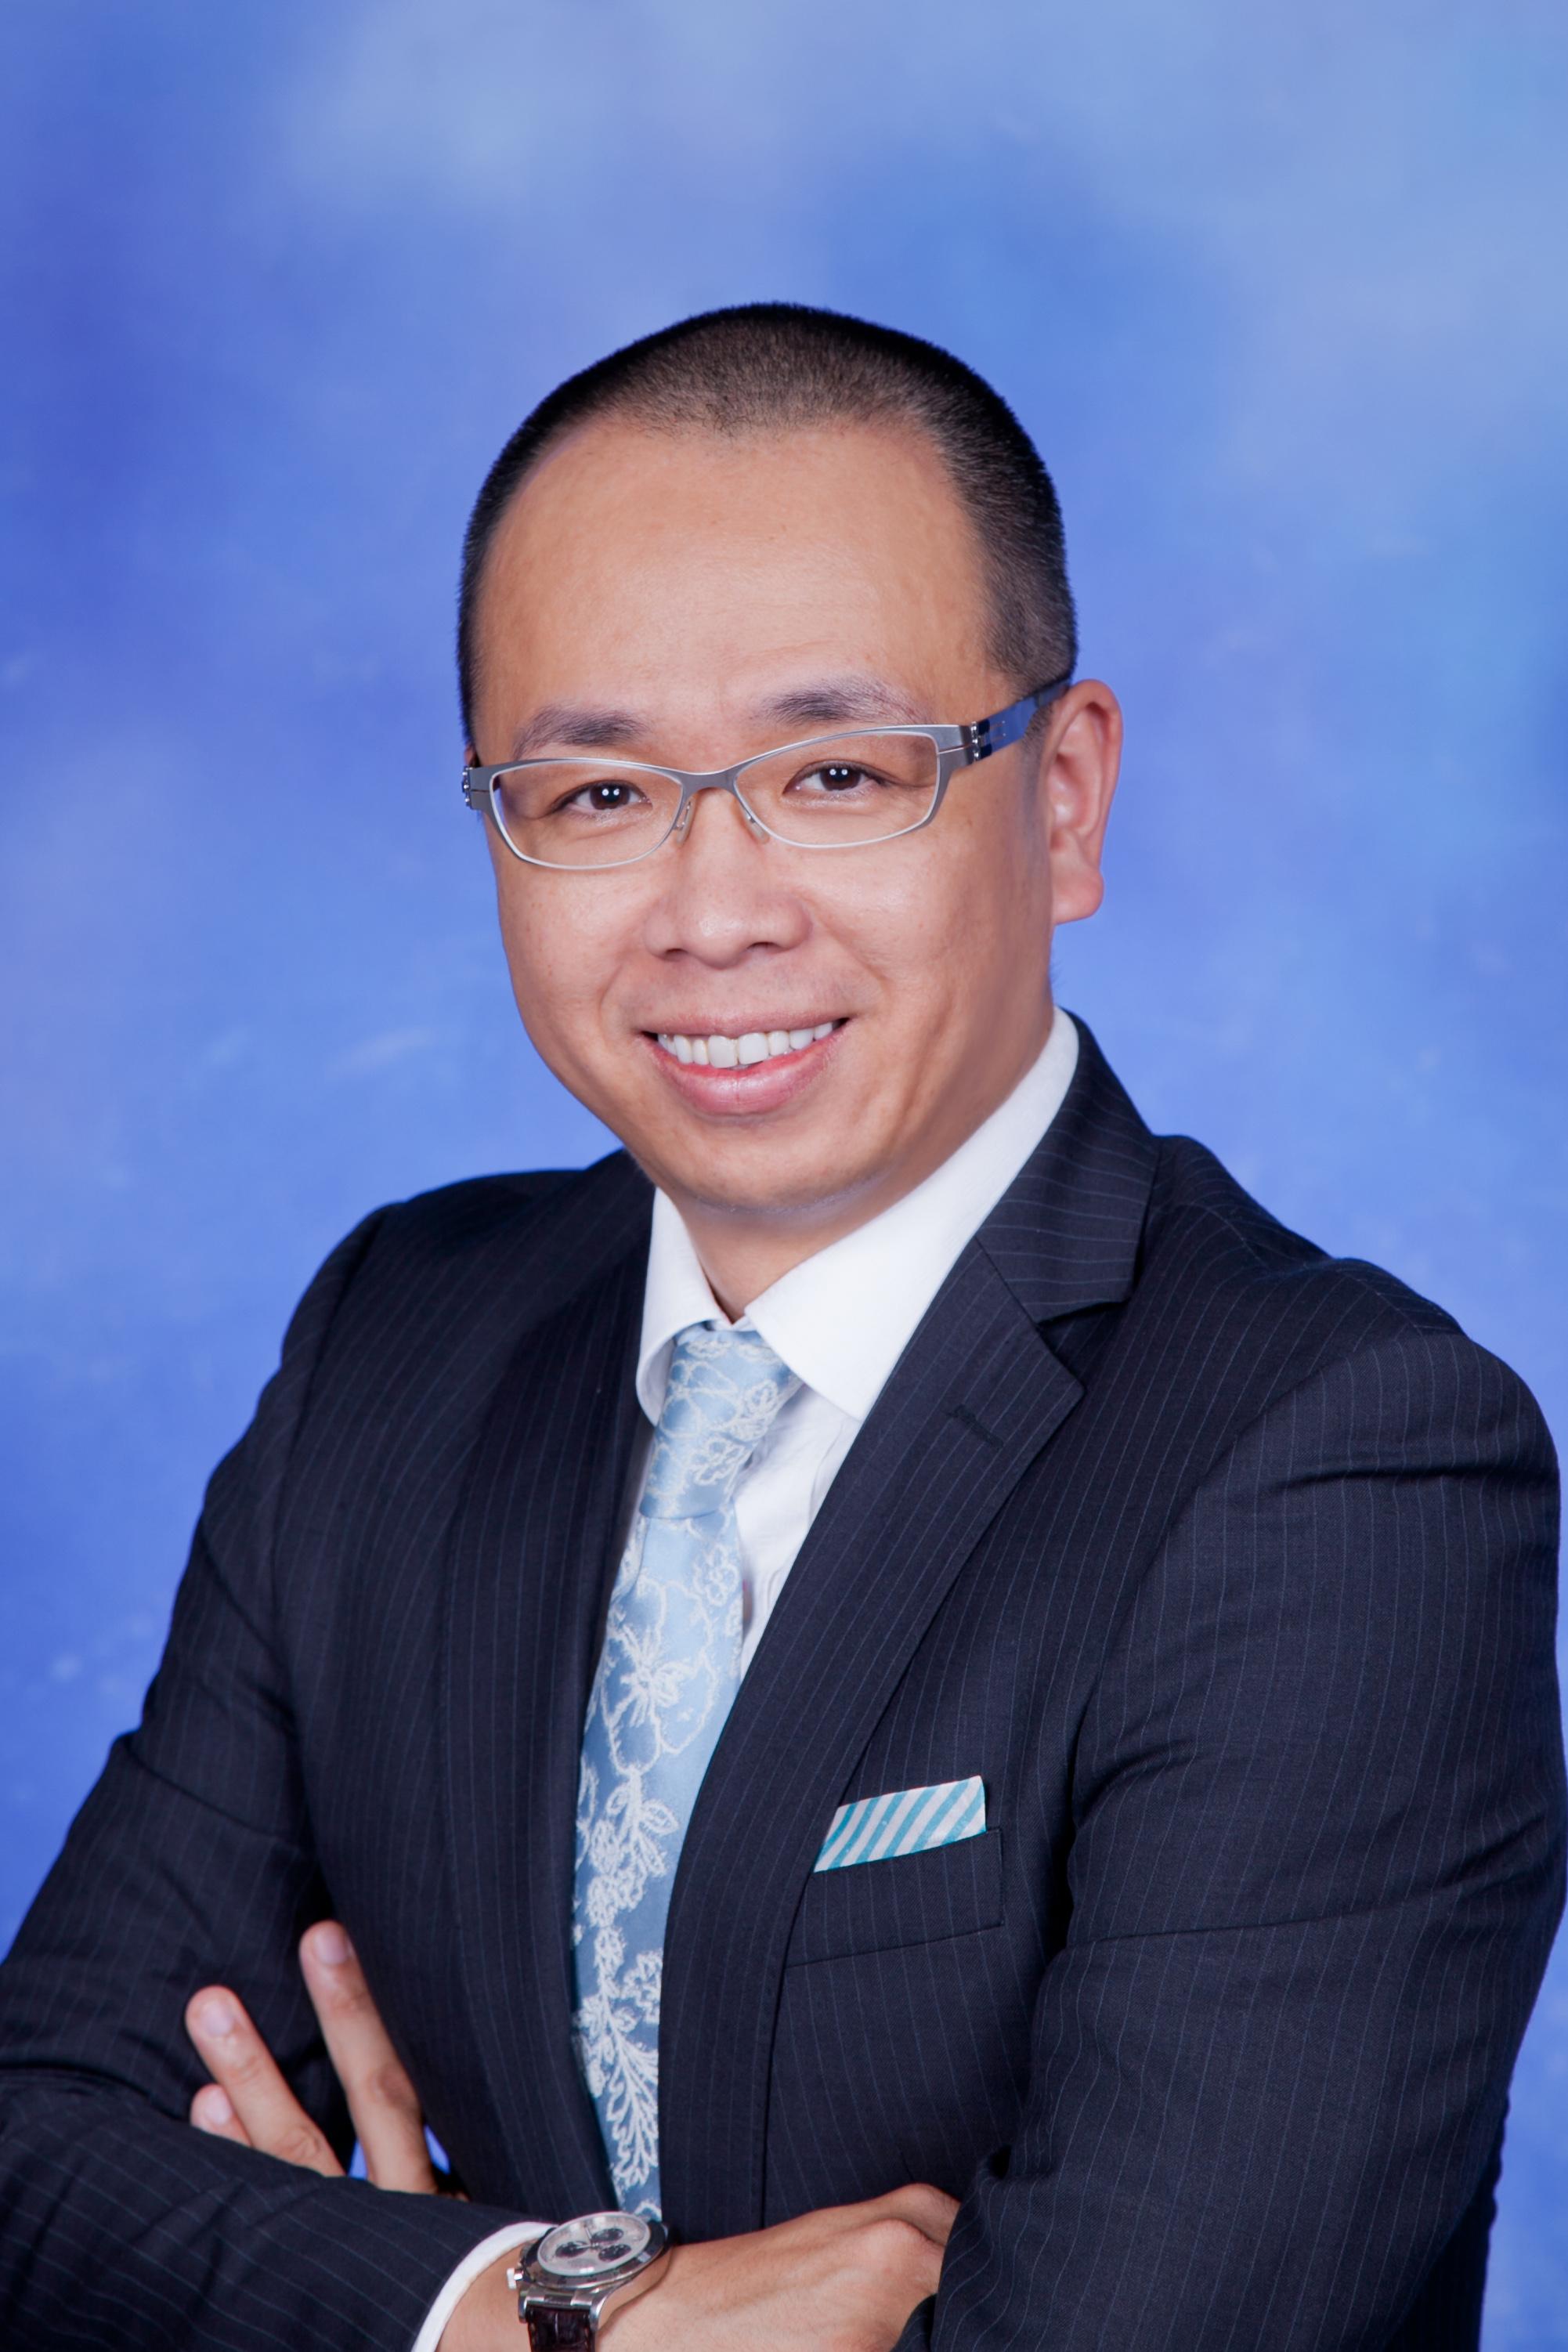 Director - Chik Wing Keung